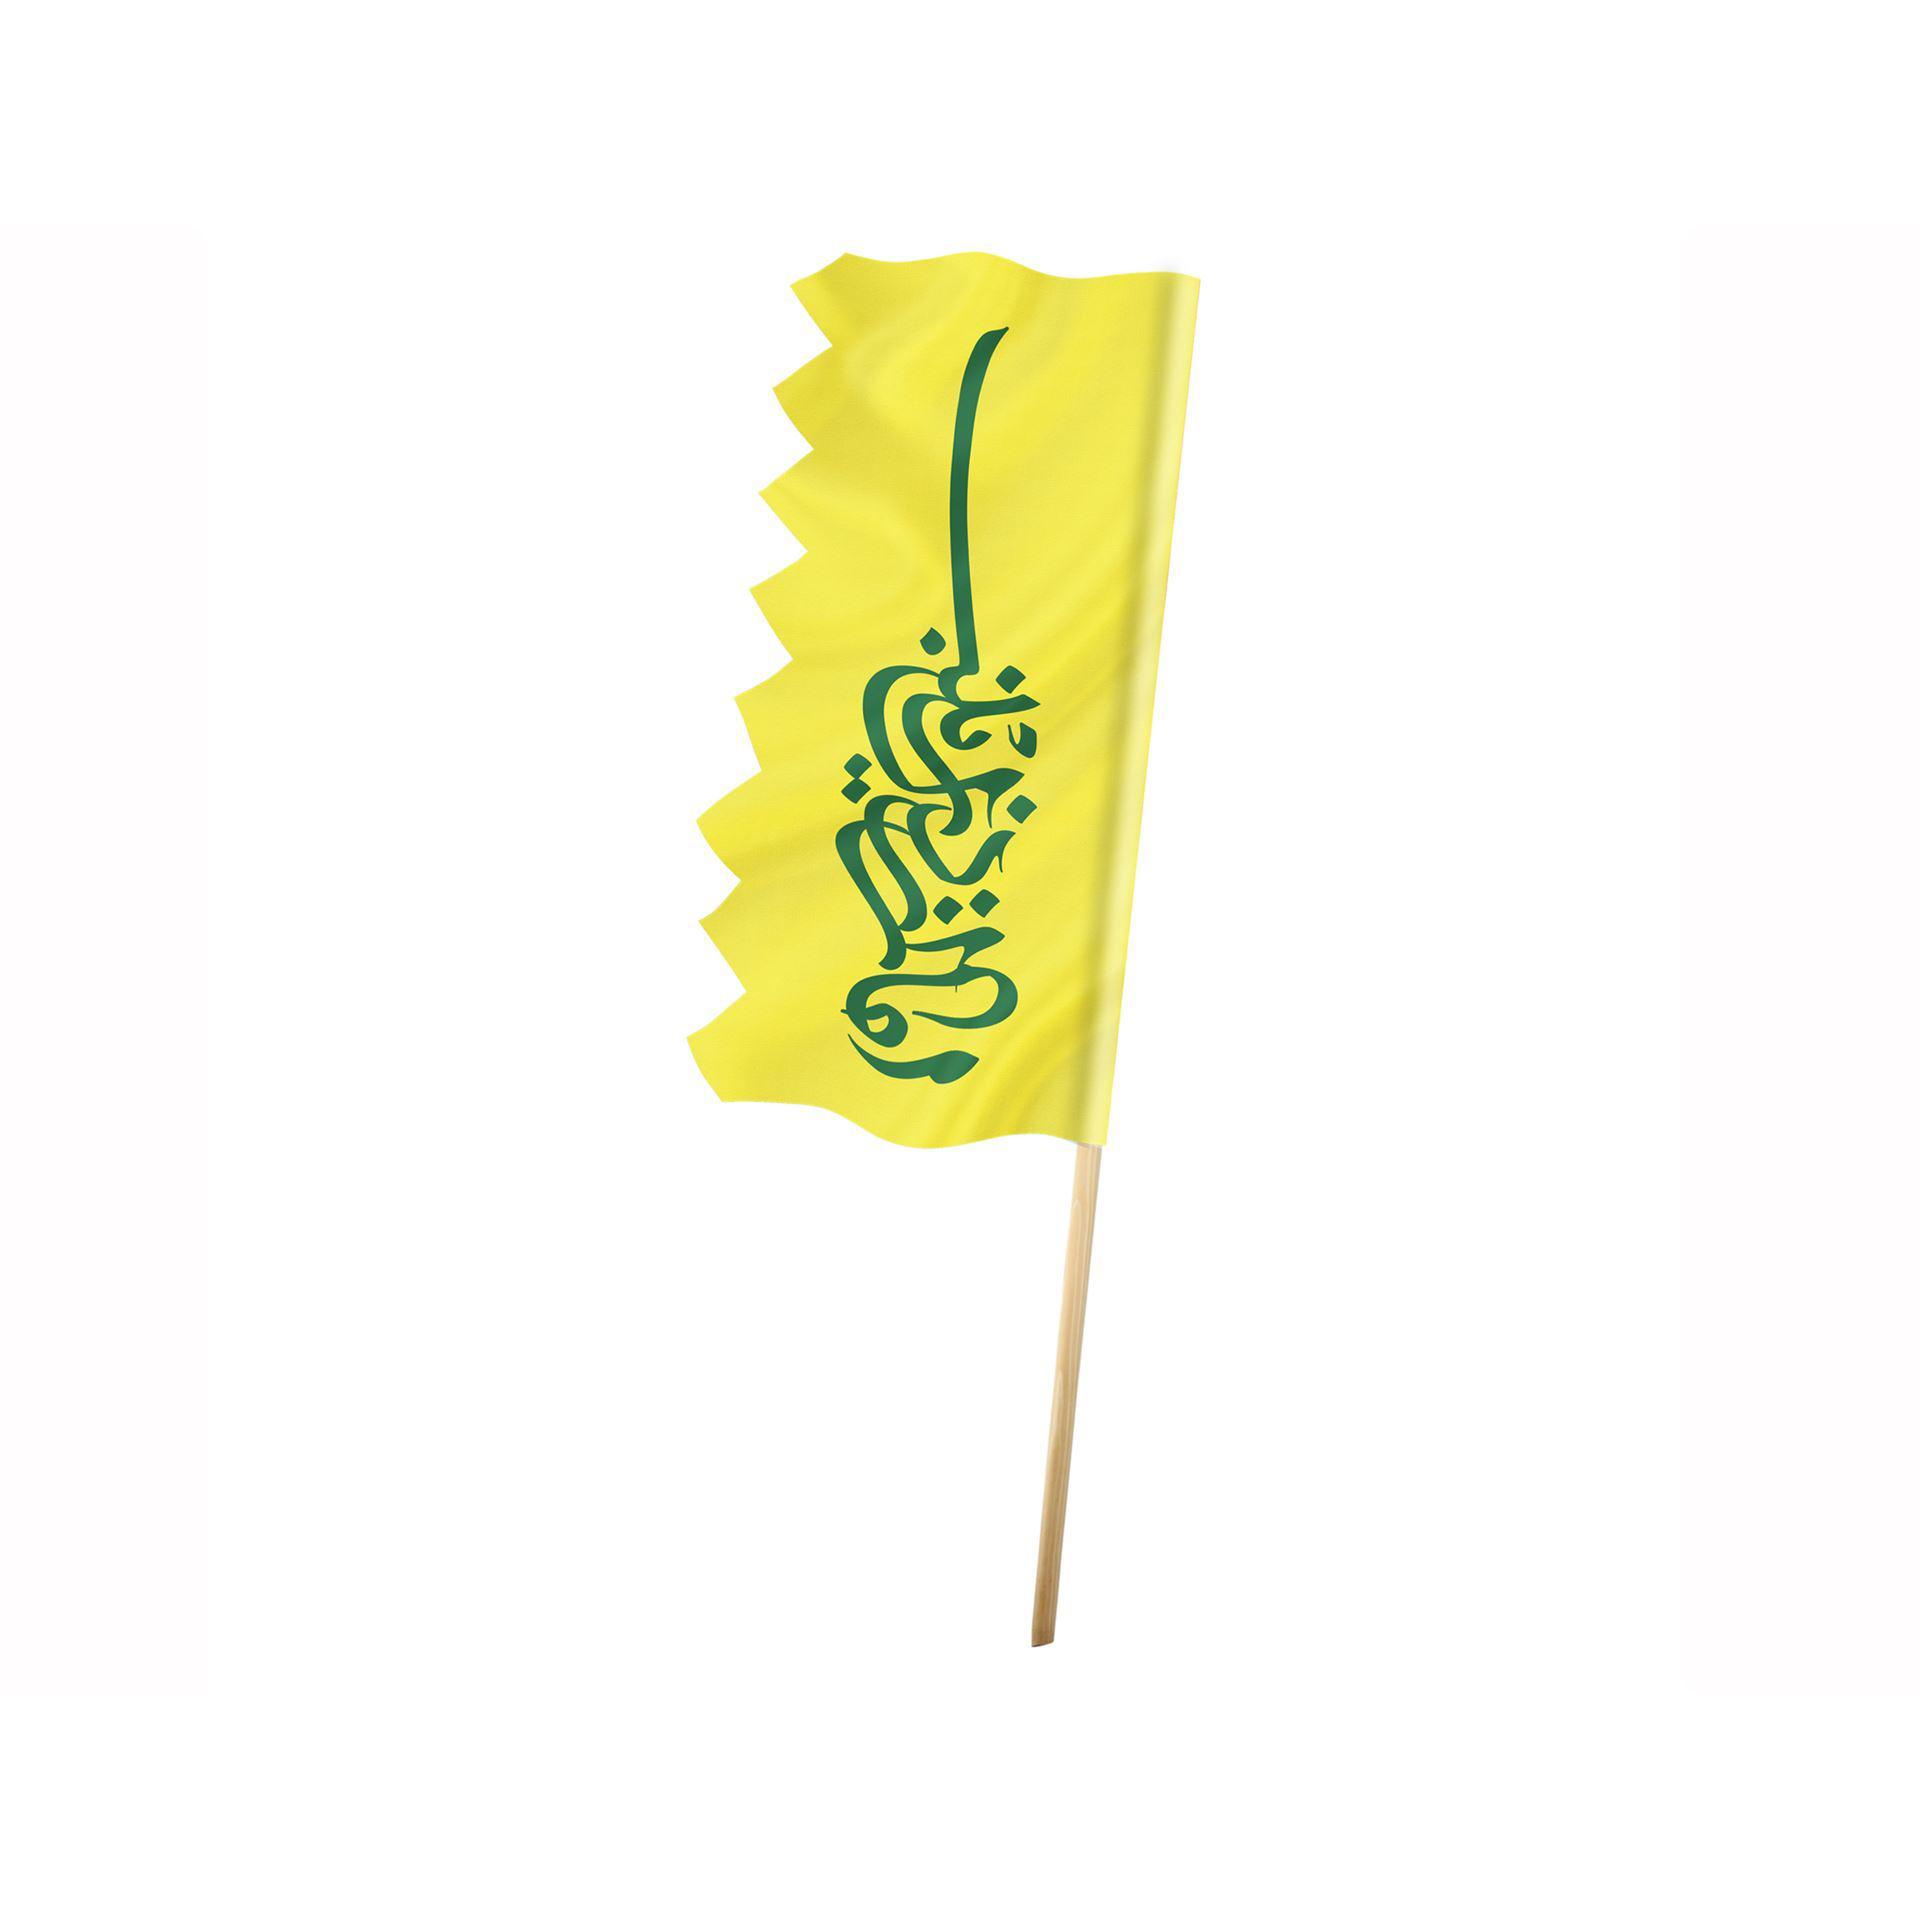 تصویر از پرچم «امان از دل زینب»، پارچه کجراه ١٧٠×٧۵ سانتیمتر